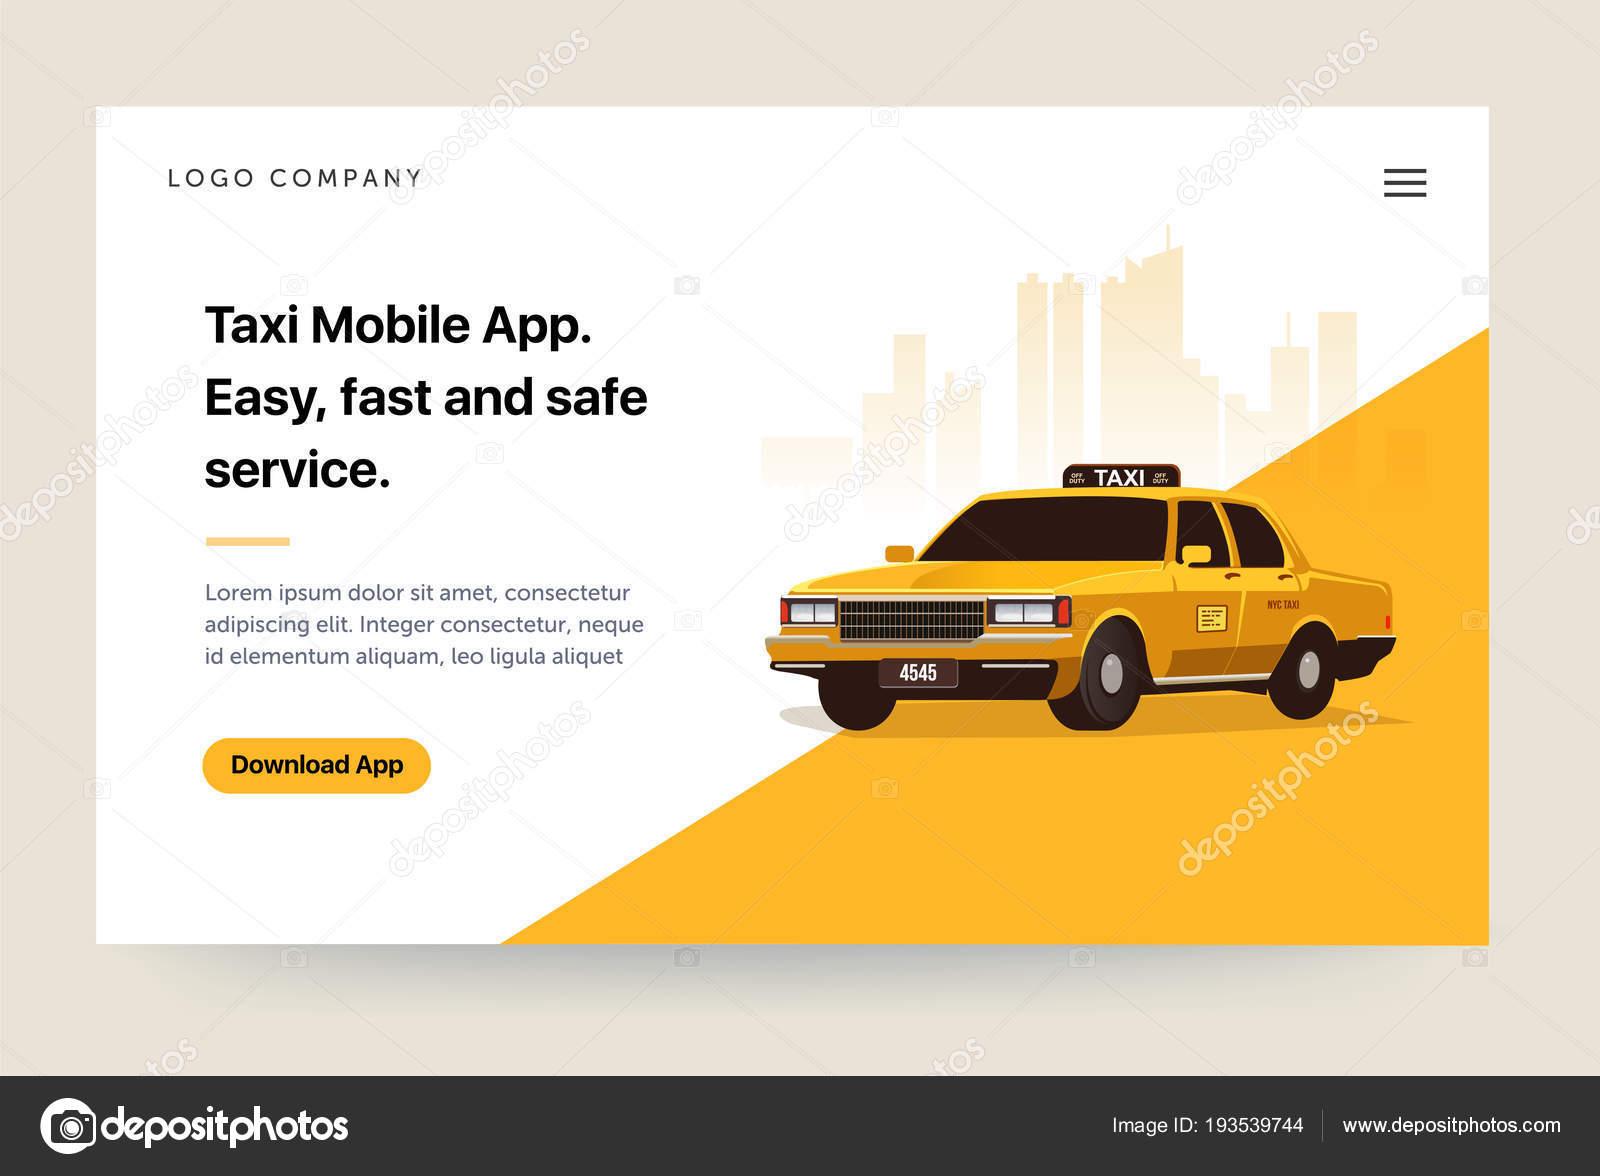 Taxi Dienstleistungen Mobile App Website Templates Retro Gelbes